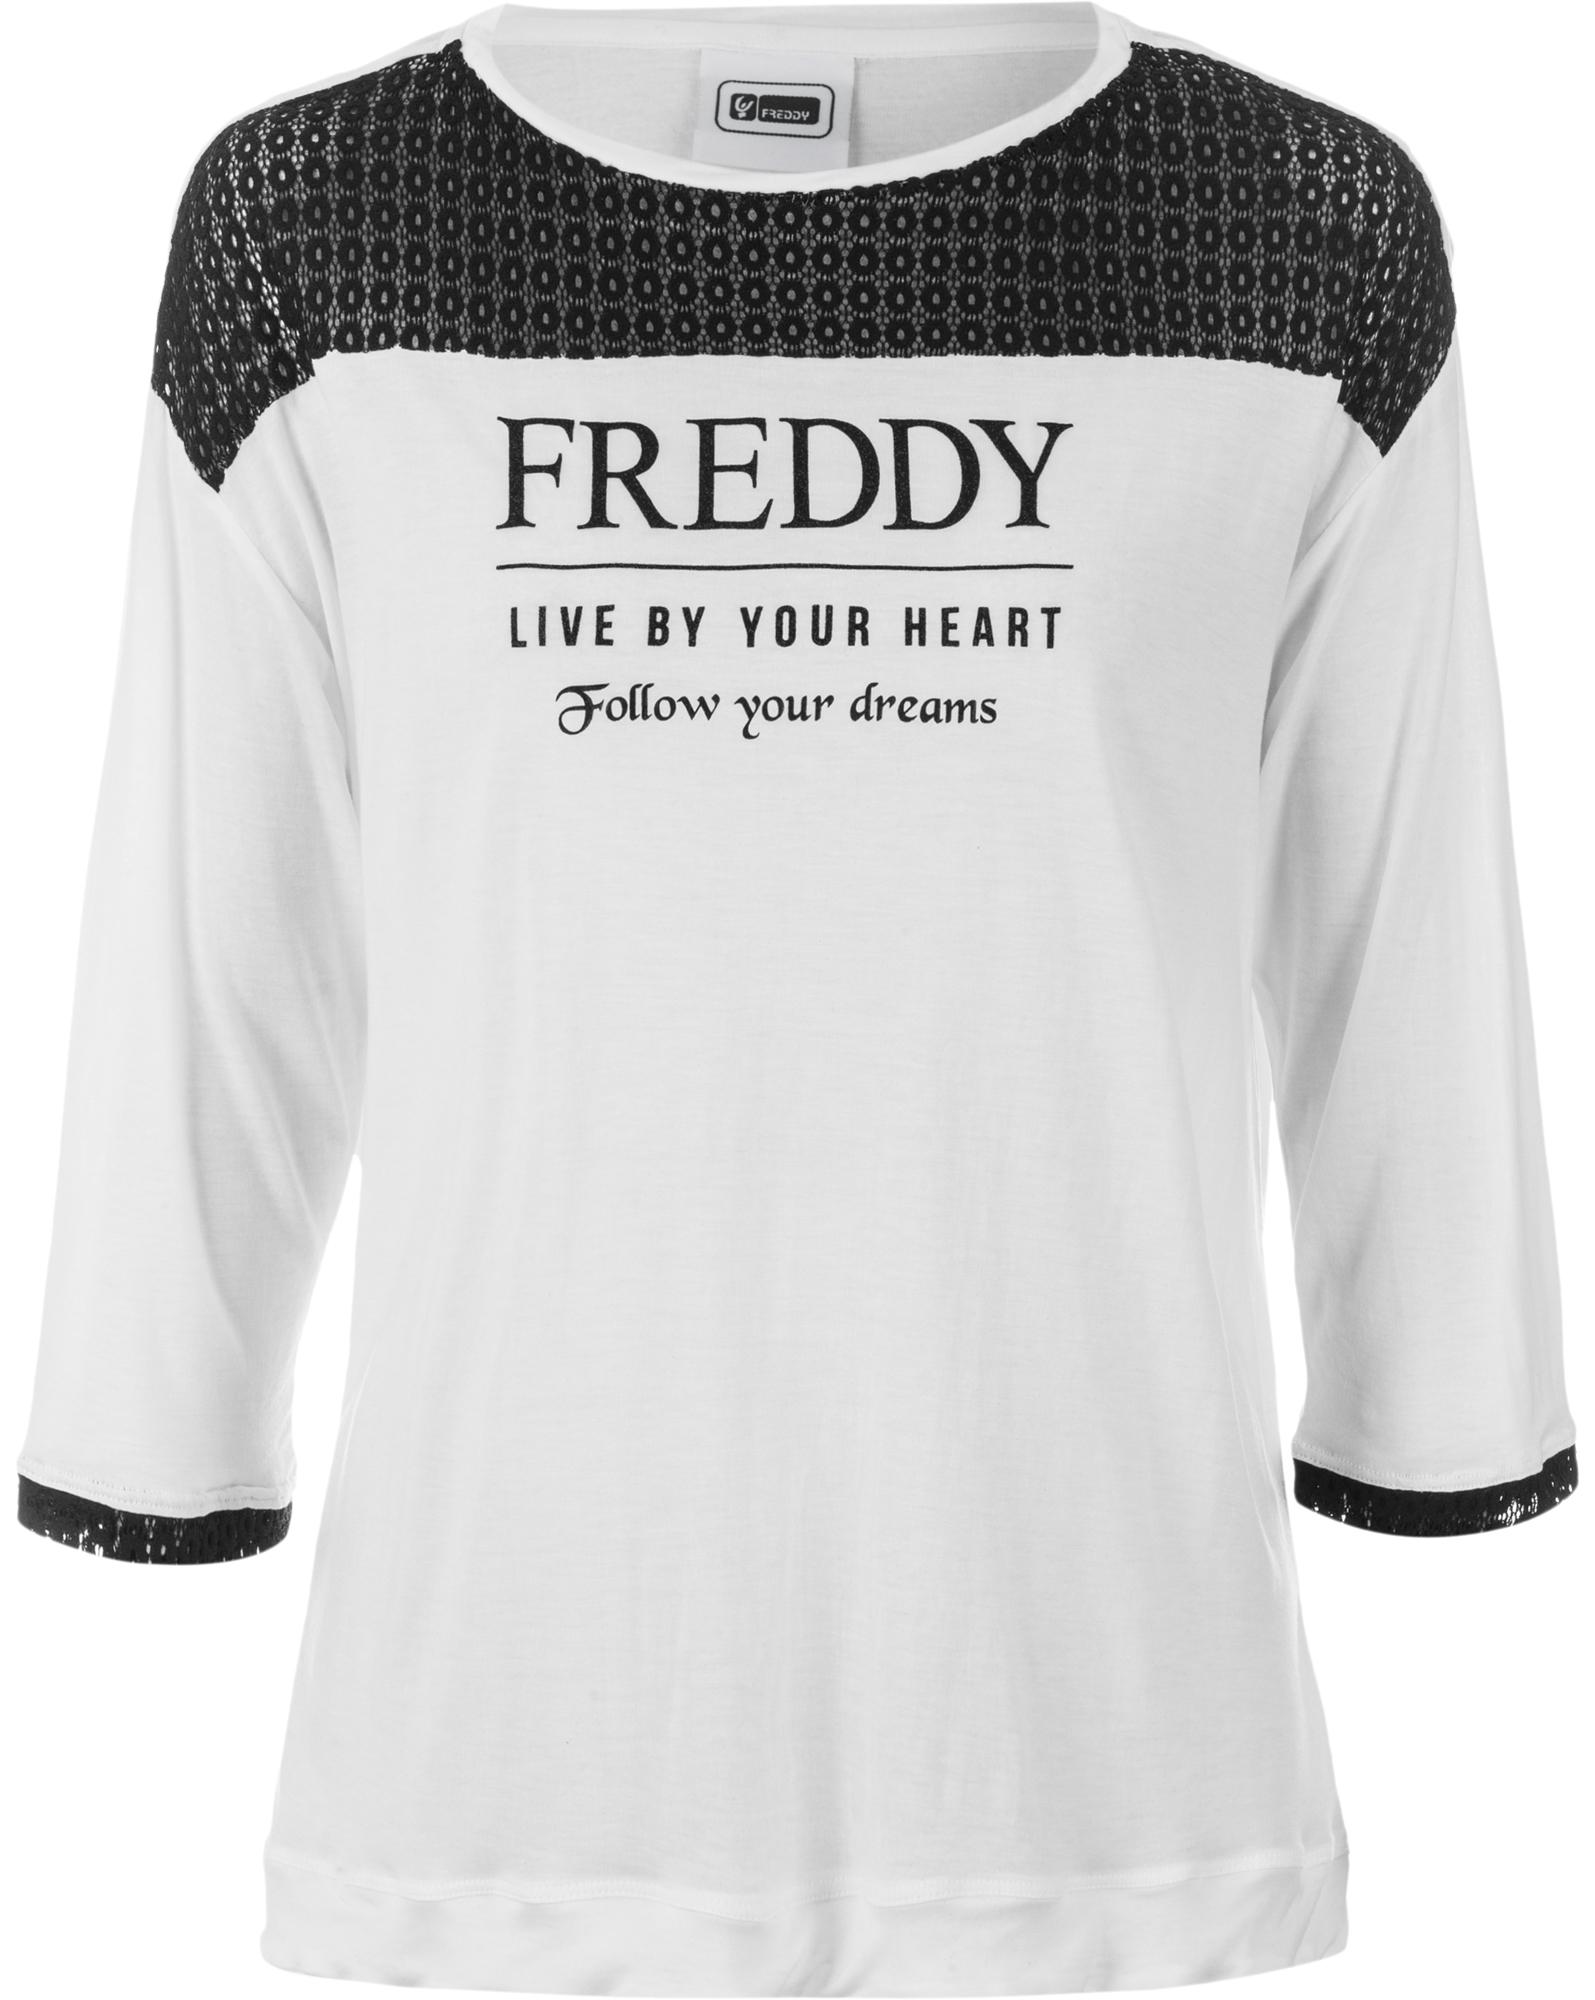 Freddy Футболка с длинным рукавом женская Freddy, размер 46-48